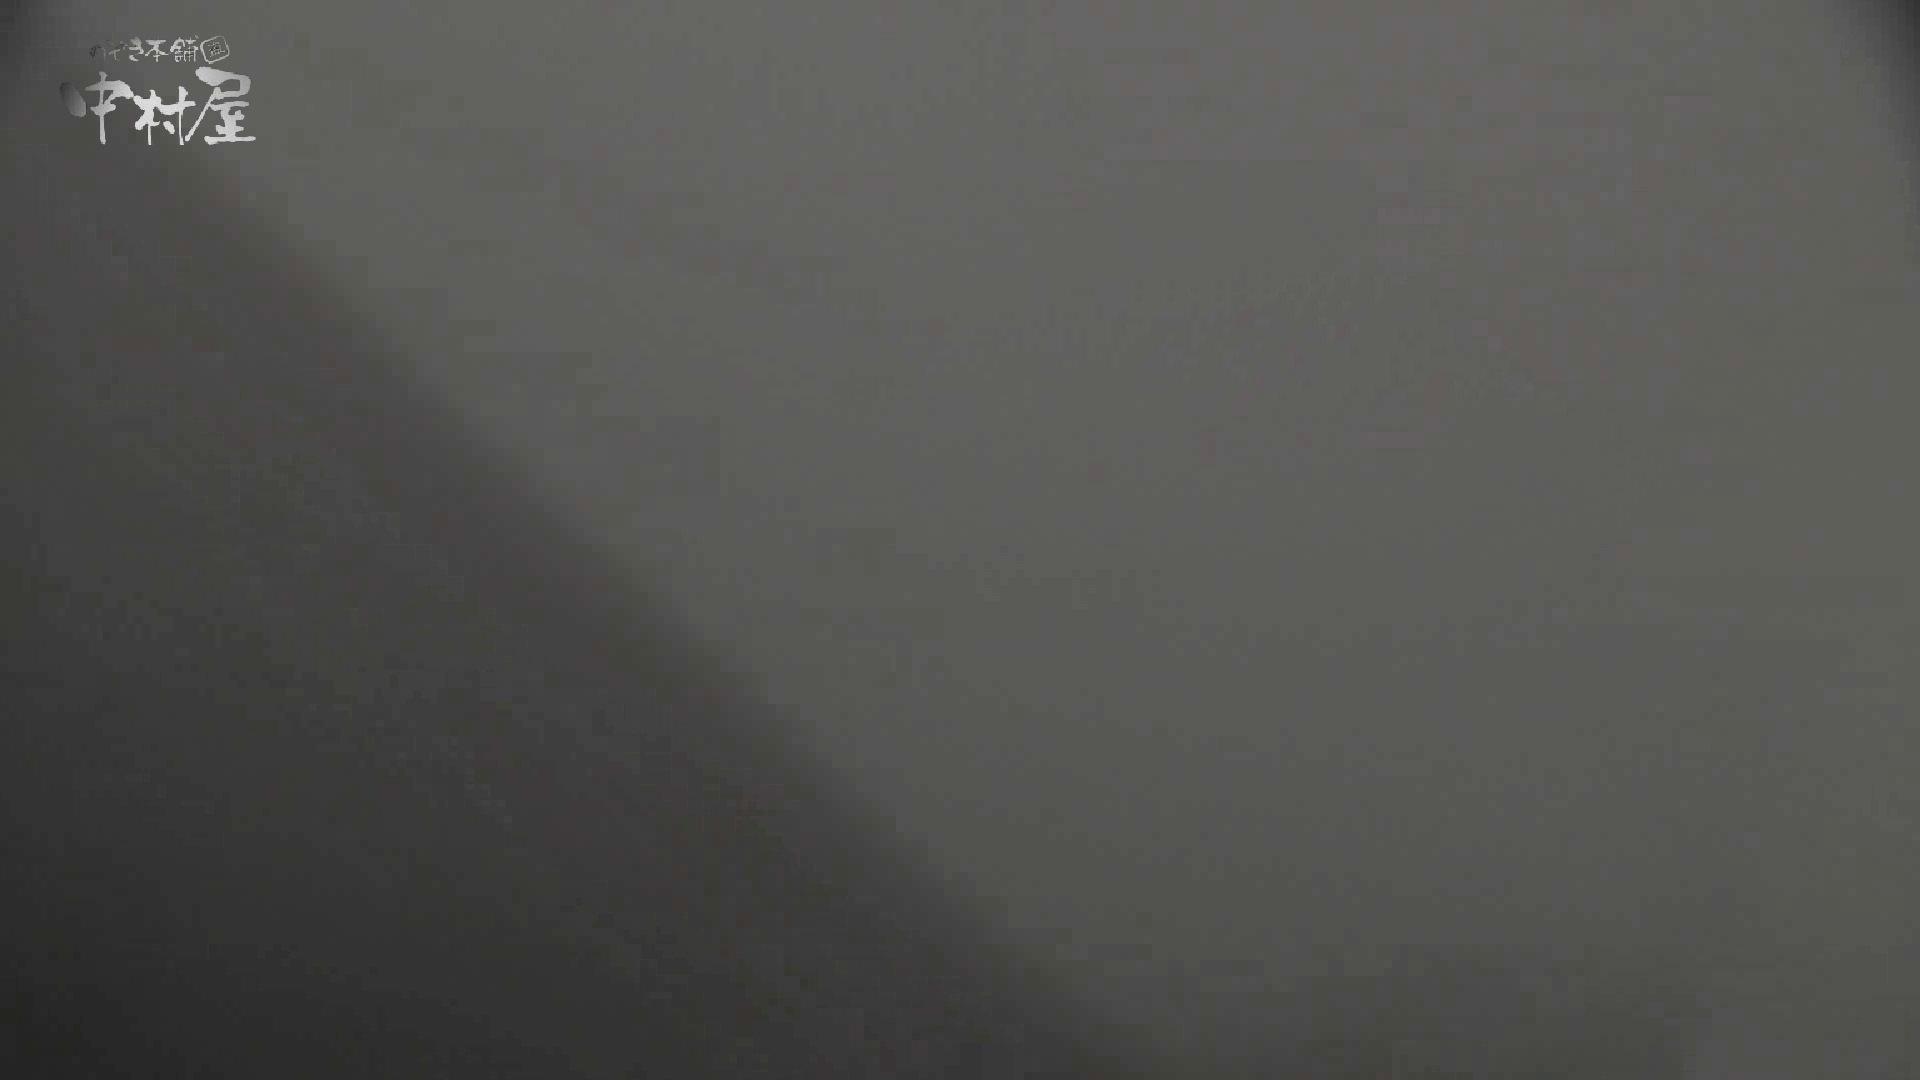 洗面所突入レポート!!vol.13 排泄編 オマンコ無修正動画無料 97PIX 51